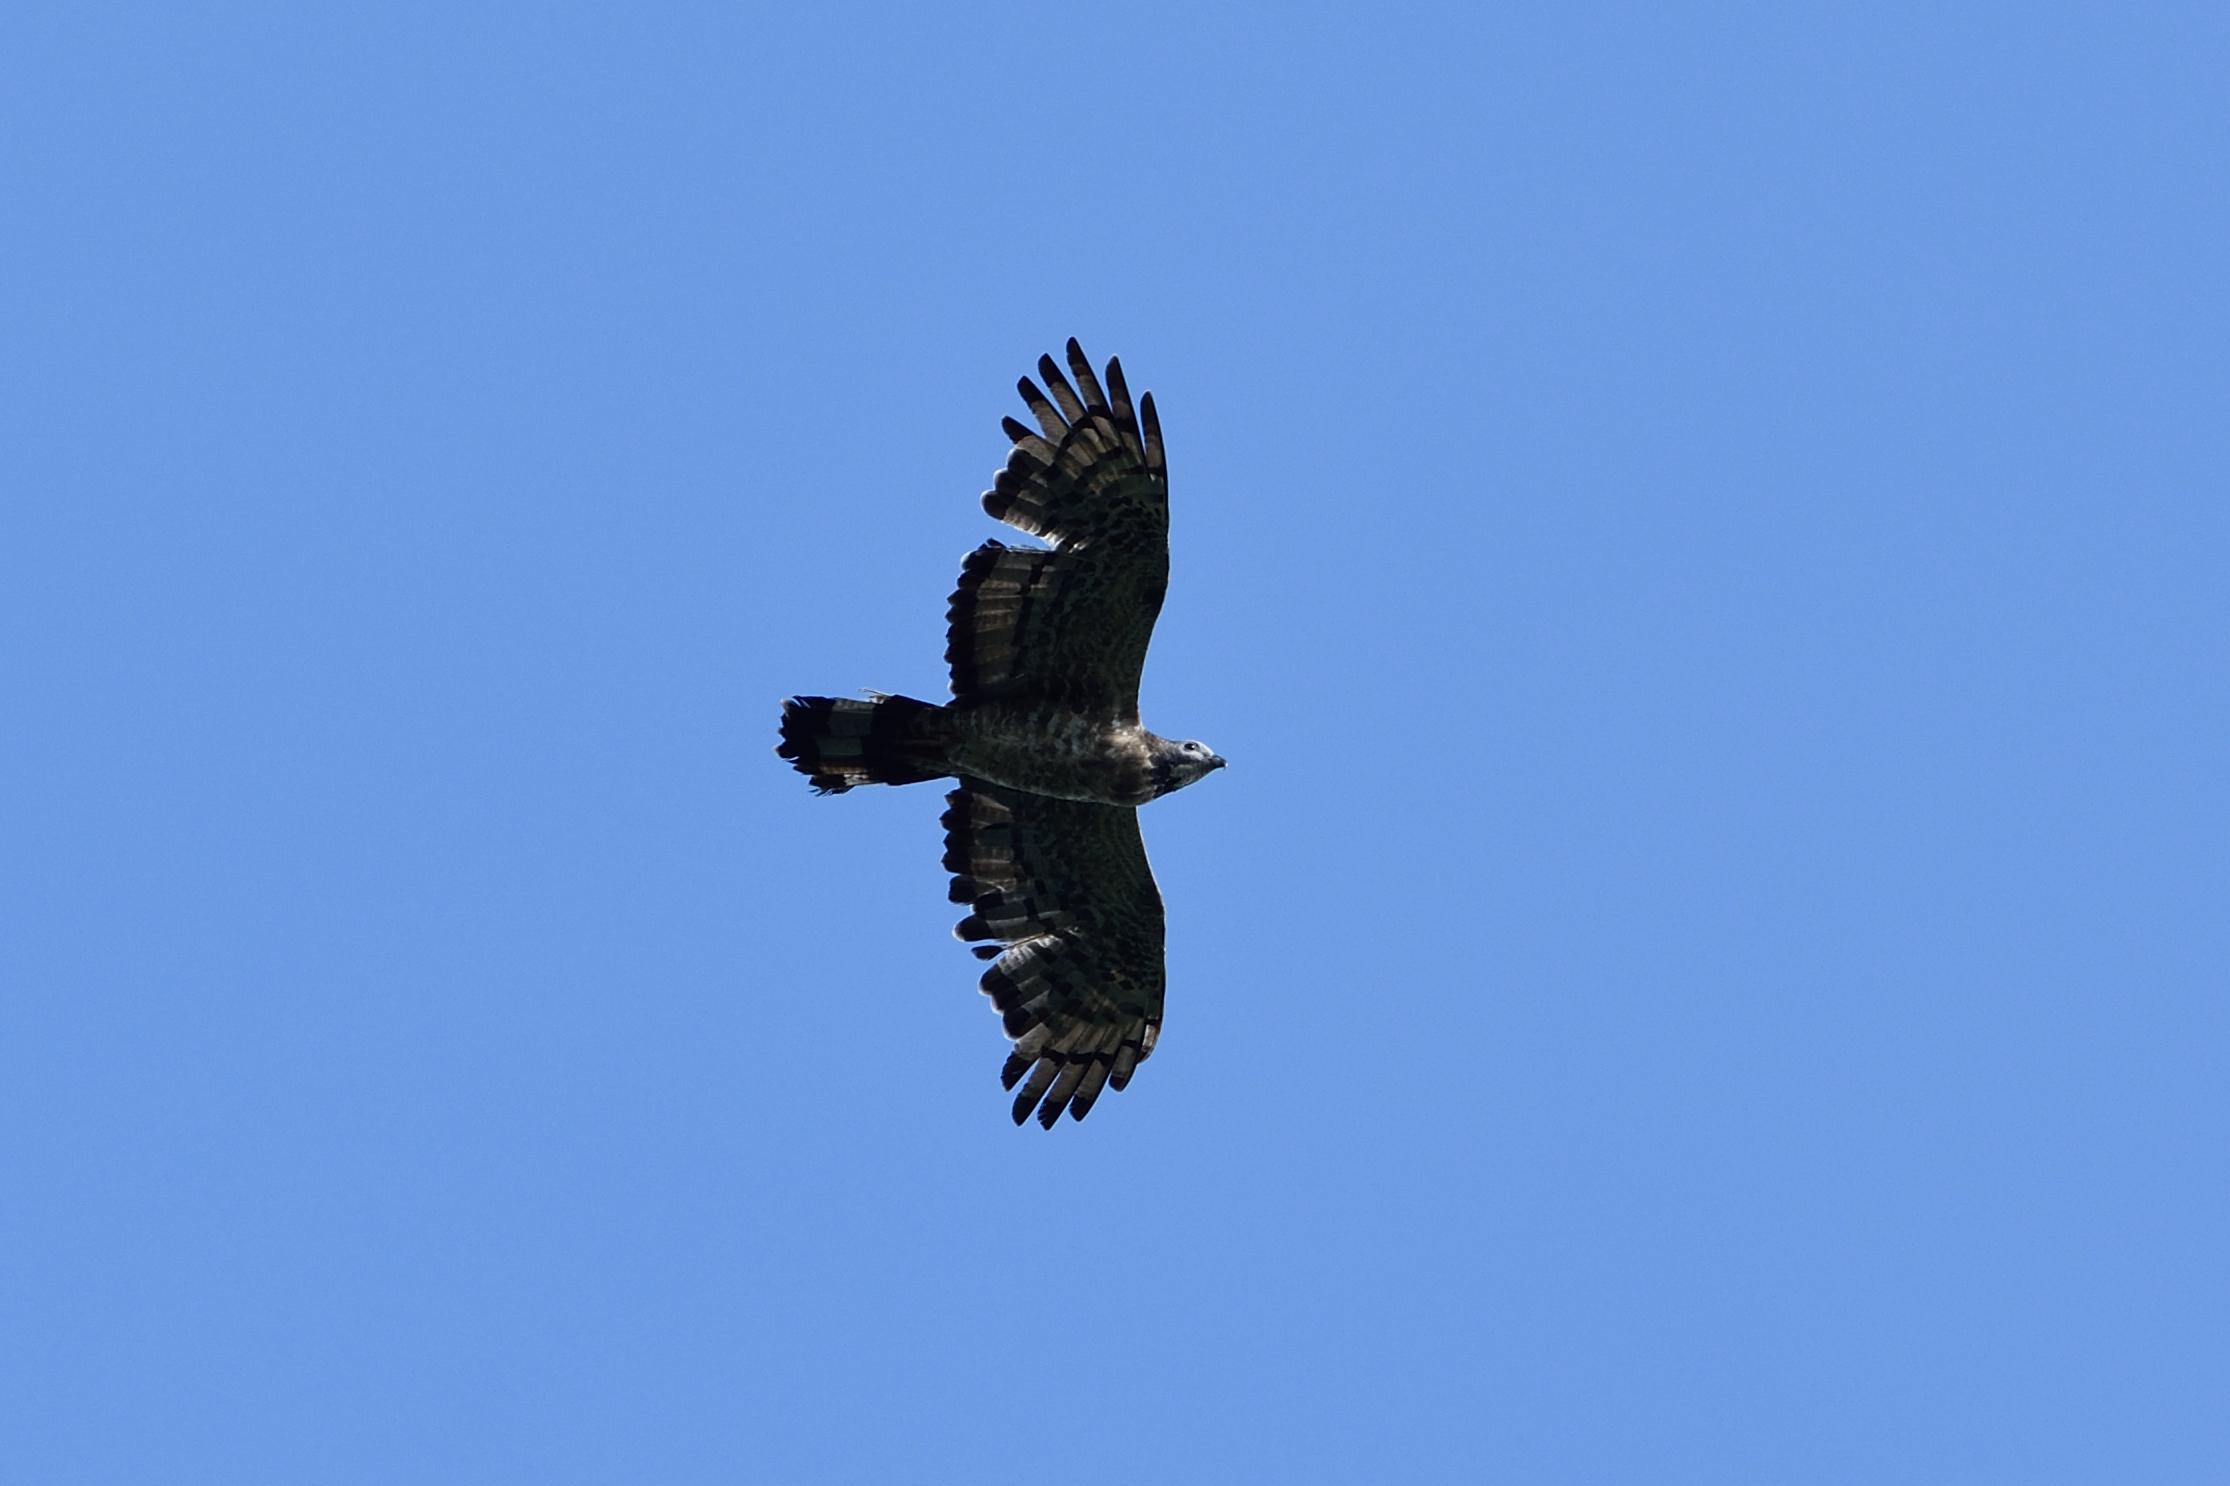 """<strong class=""""em """">ハチクマ オス成鳥</strong><br>成鳥は渡りの時期に羽が生え変わる。一見ボロボロだが「あれで帰れるのか? ガンバレ!」と歓声が沸く。"""